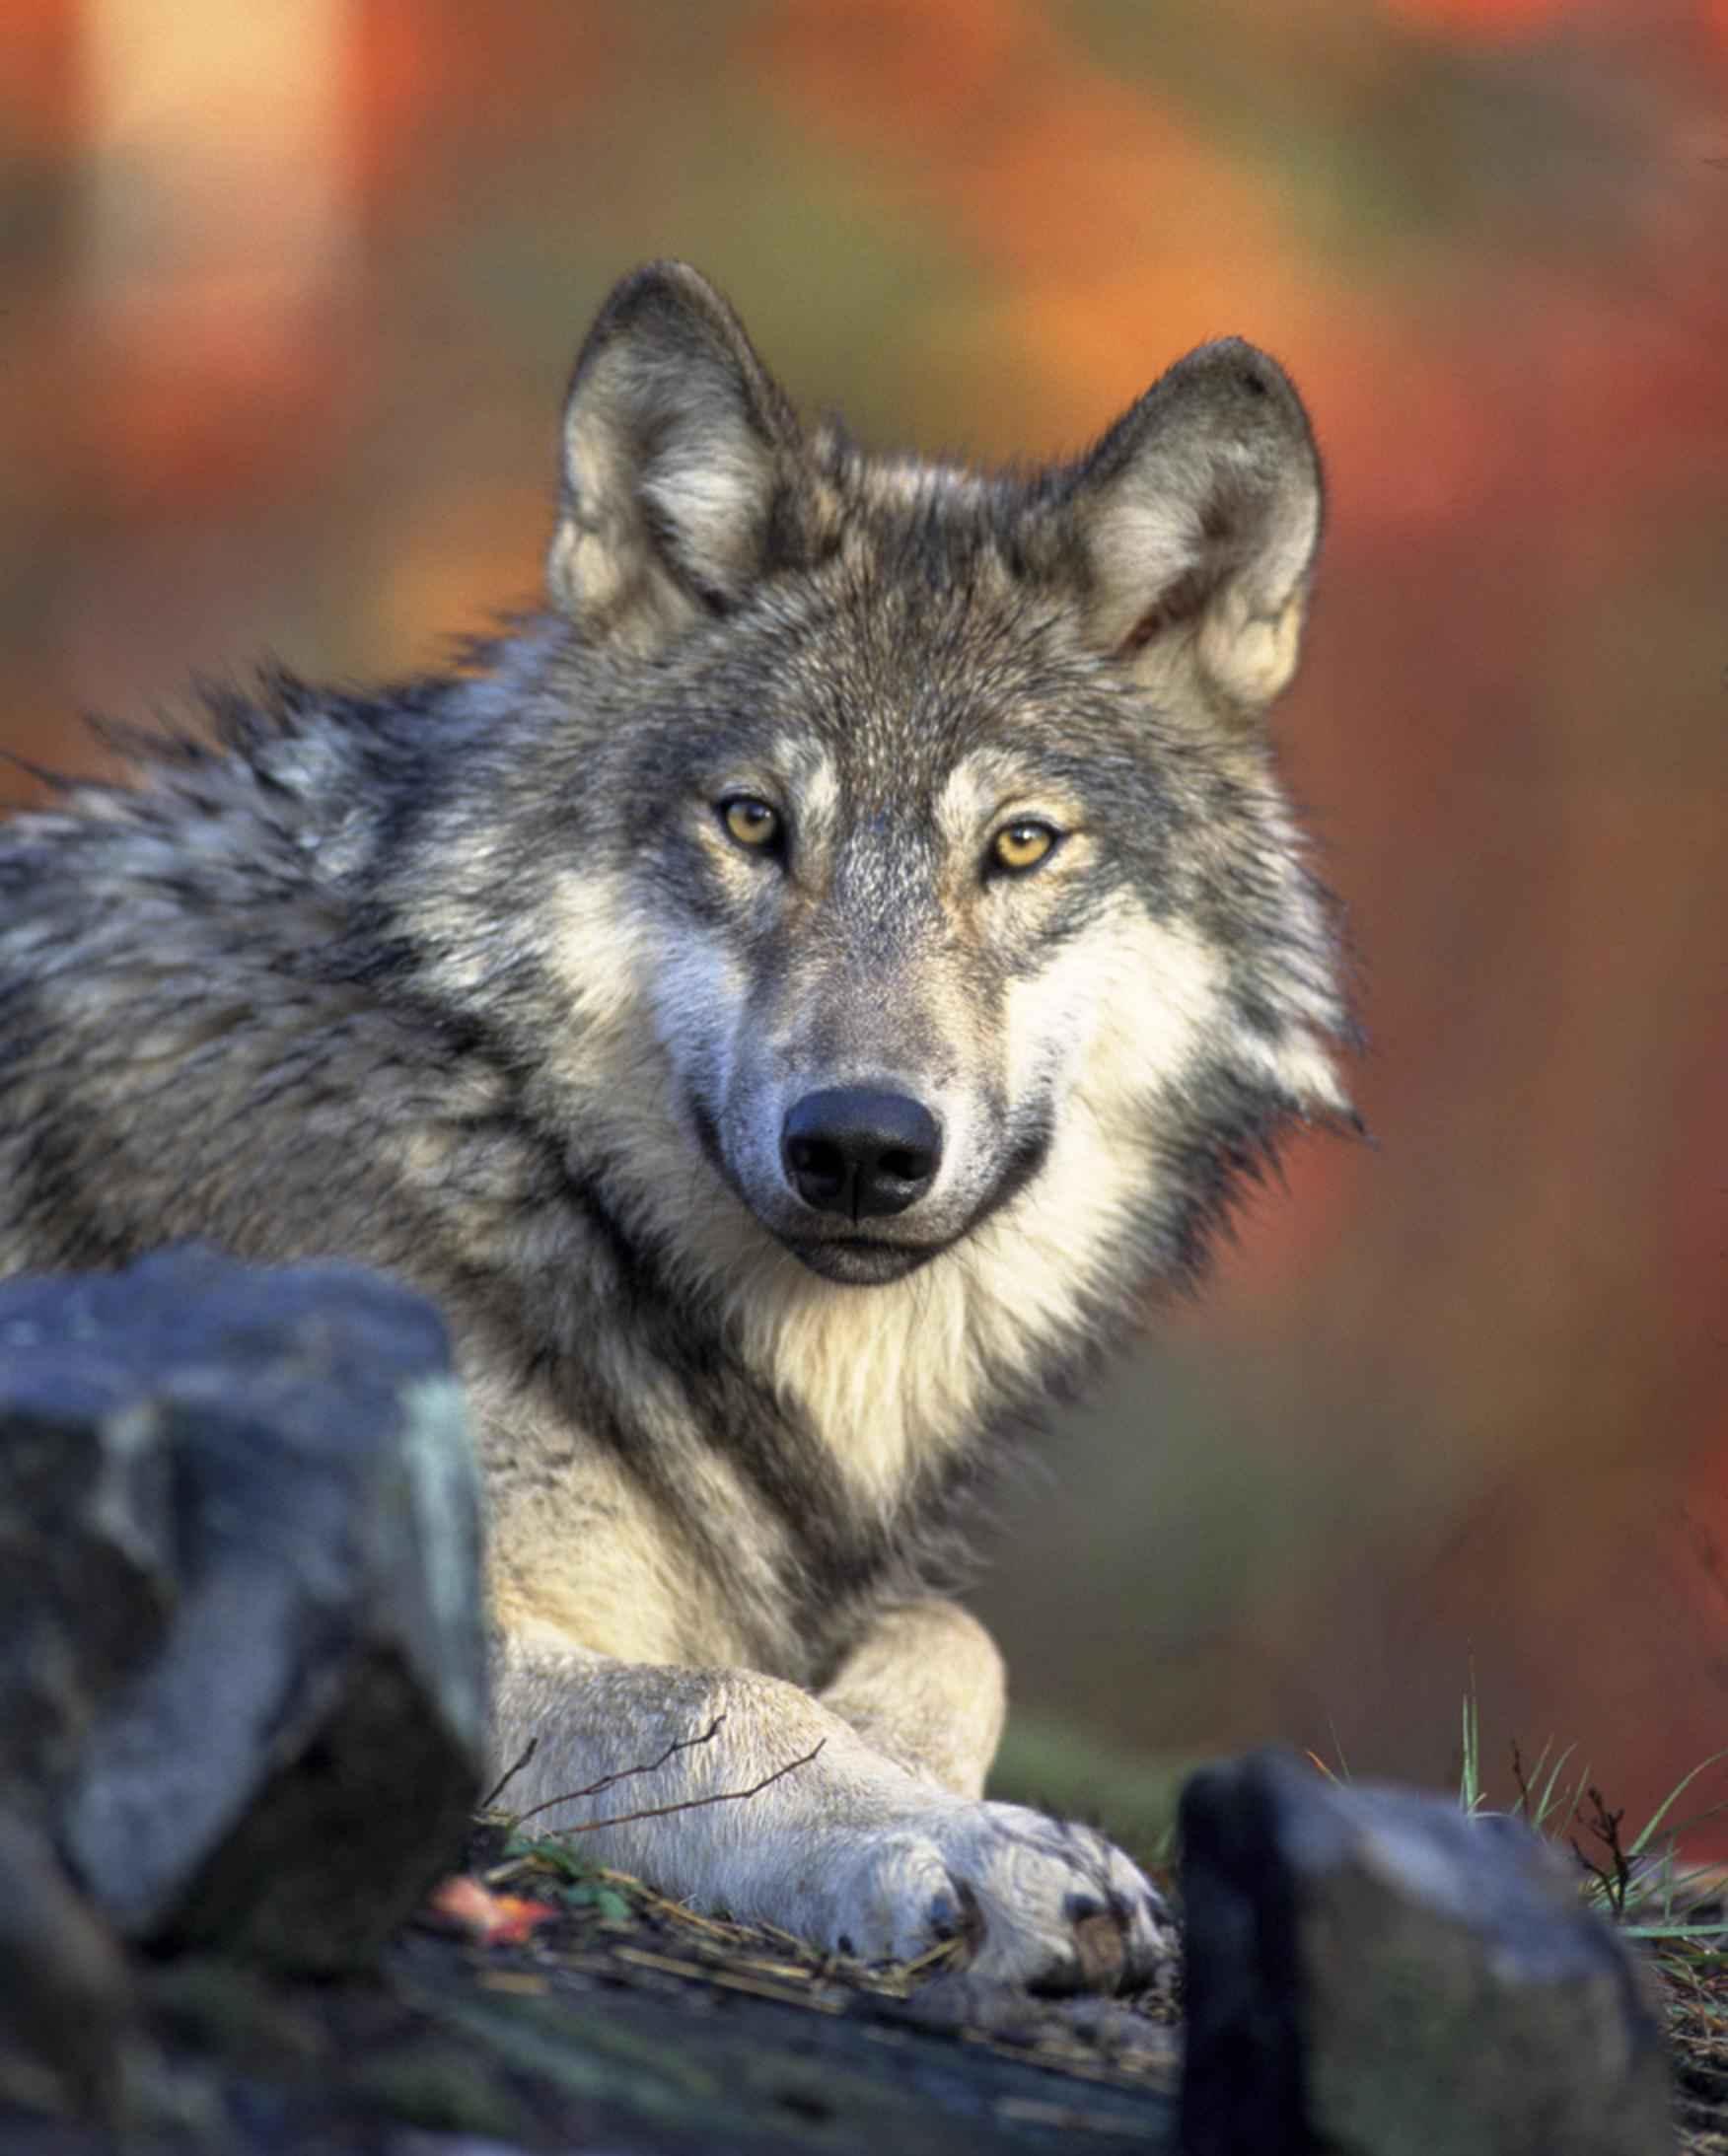 Kostenlose Bild: grauer Wolf, Kopf, canis lupus